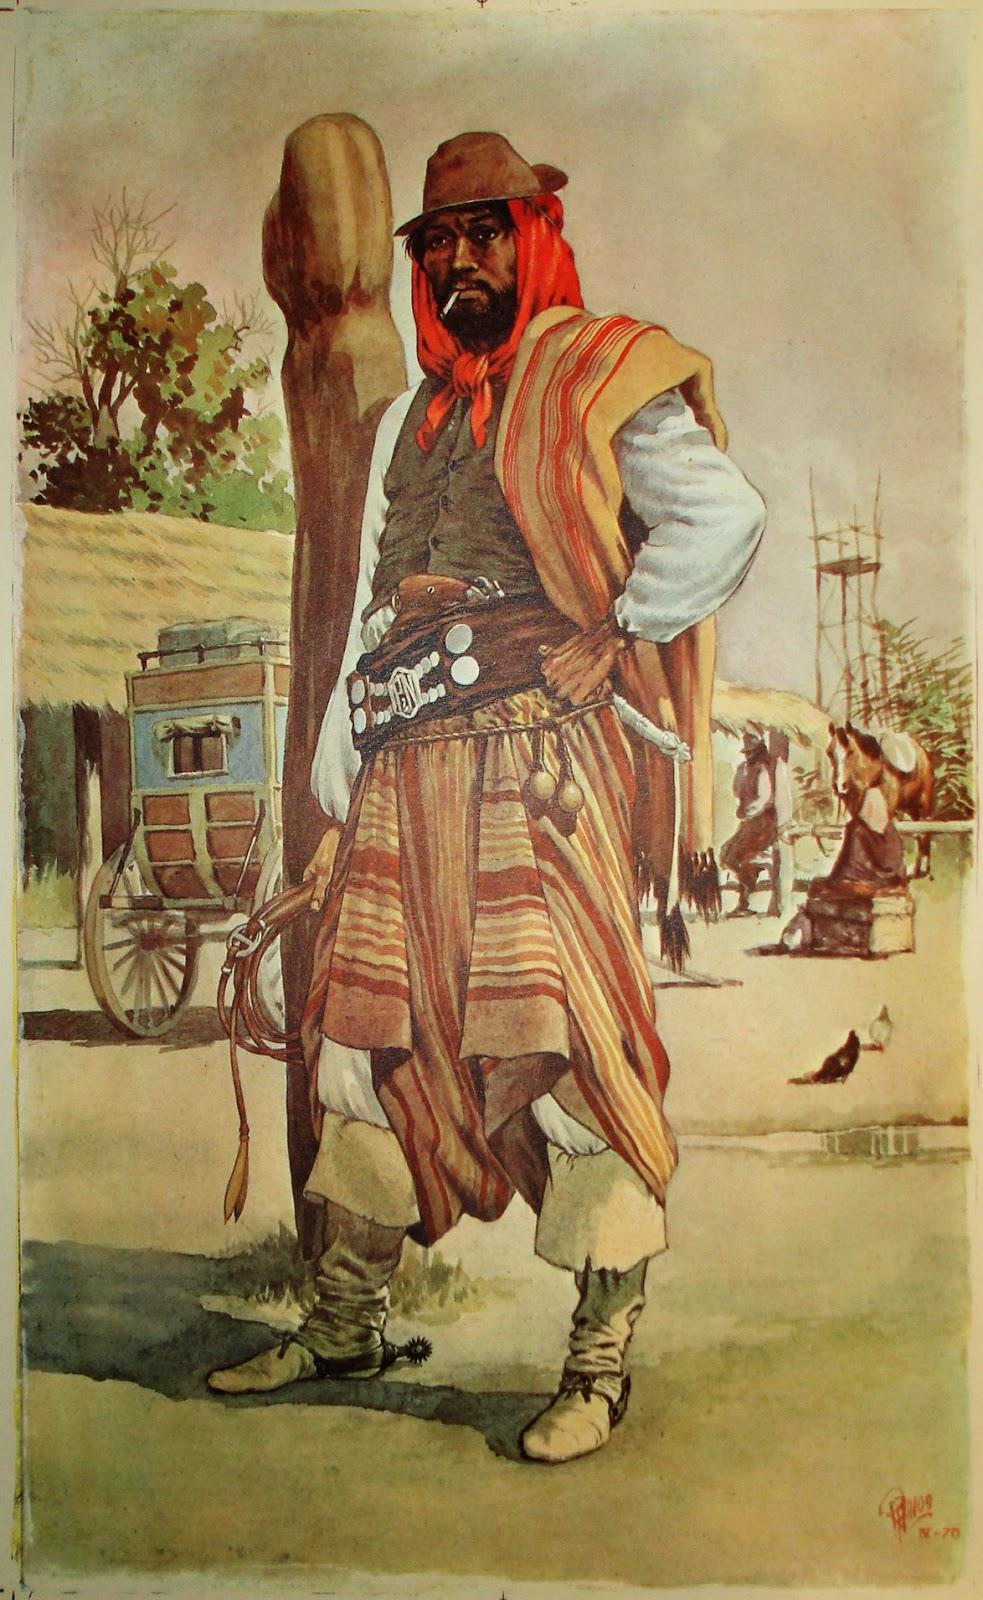 La denominación se aplicó generalmente al elemento criollo (hijos de españoles) o mestizo (hijos de españoles con indígenas), aunque sin sentido racial sino